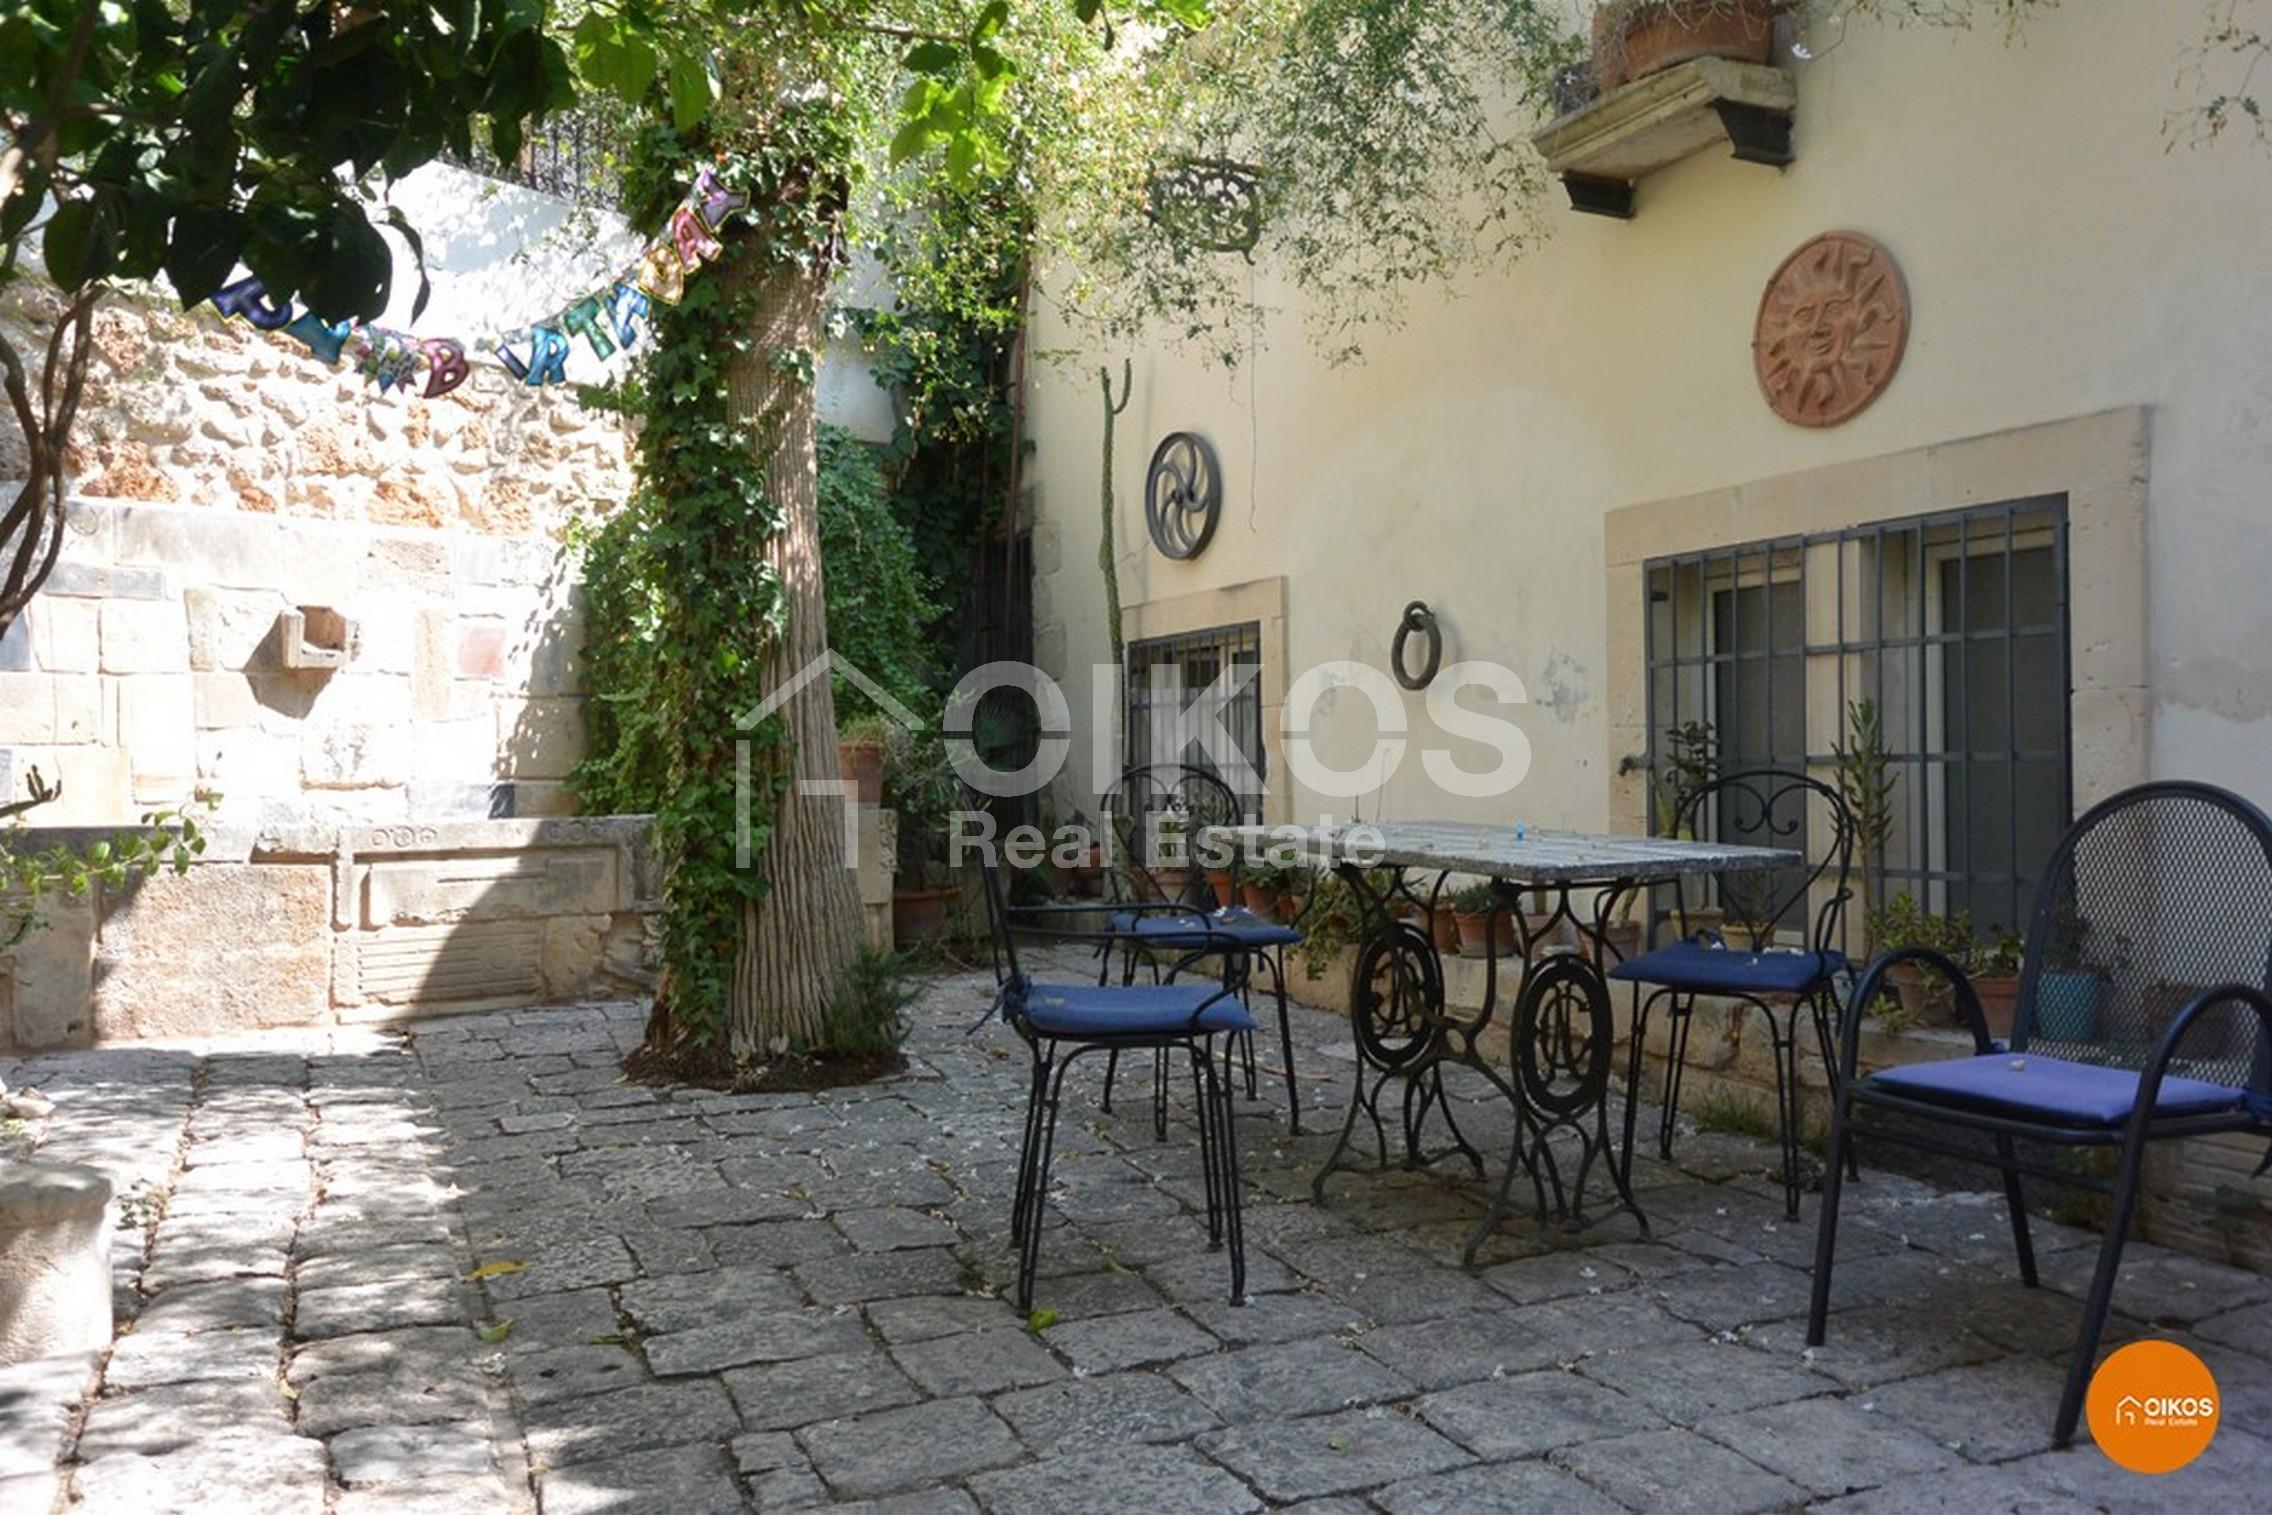 Casa in centro storico con giardino via P. Capponi